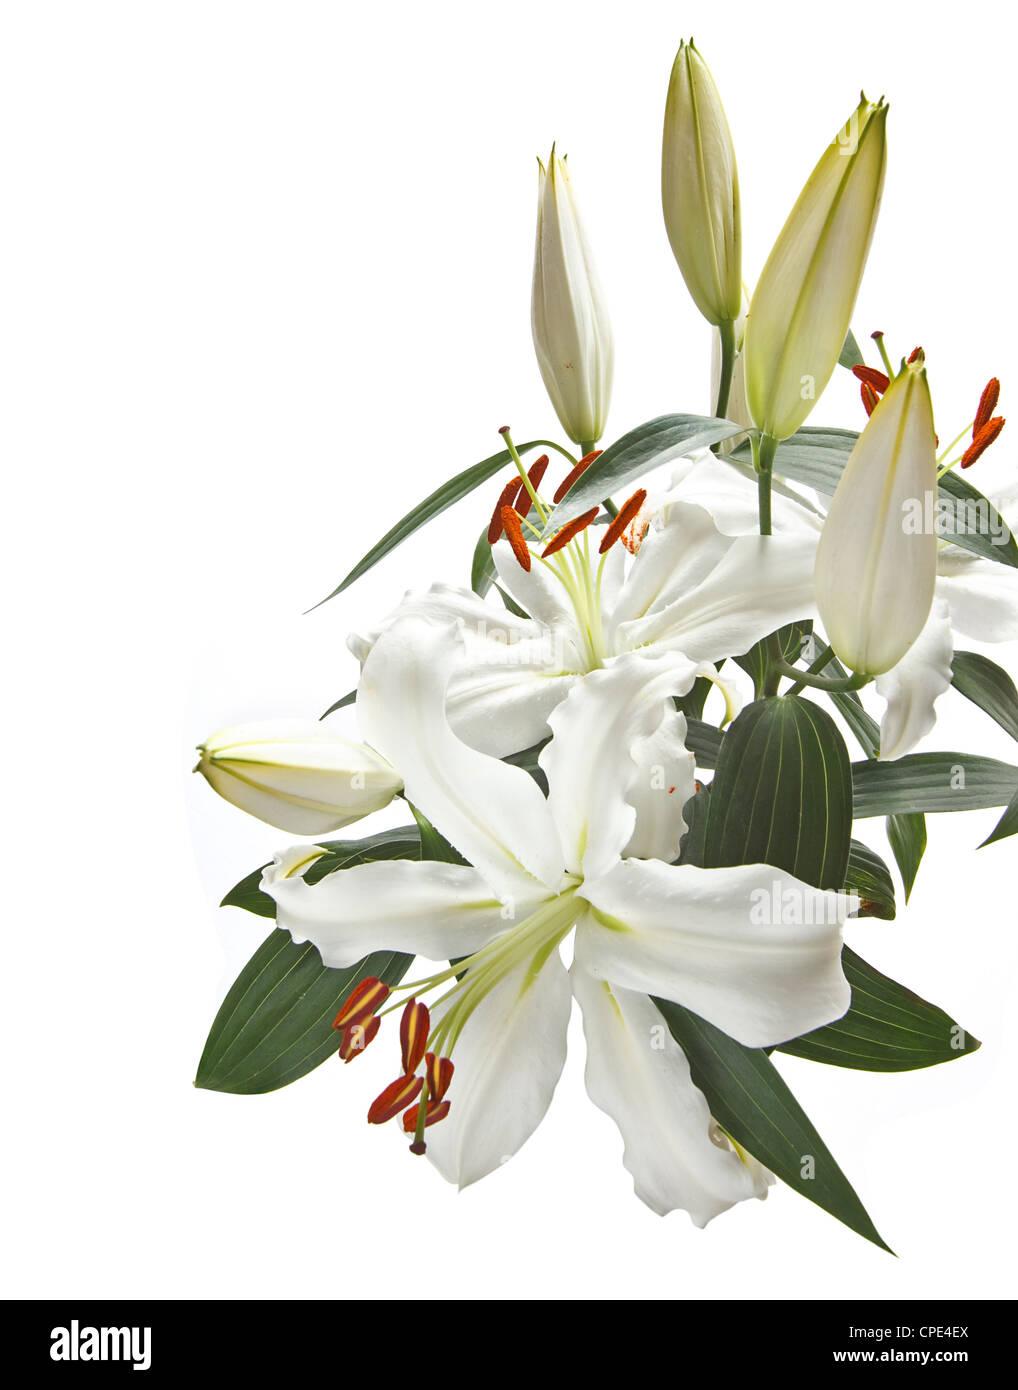 Reihe von weißen Lilien beliebt bei Hochzeiten und Beerdigungen, isoliert auf weißem Hintergrund Stockbild